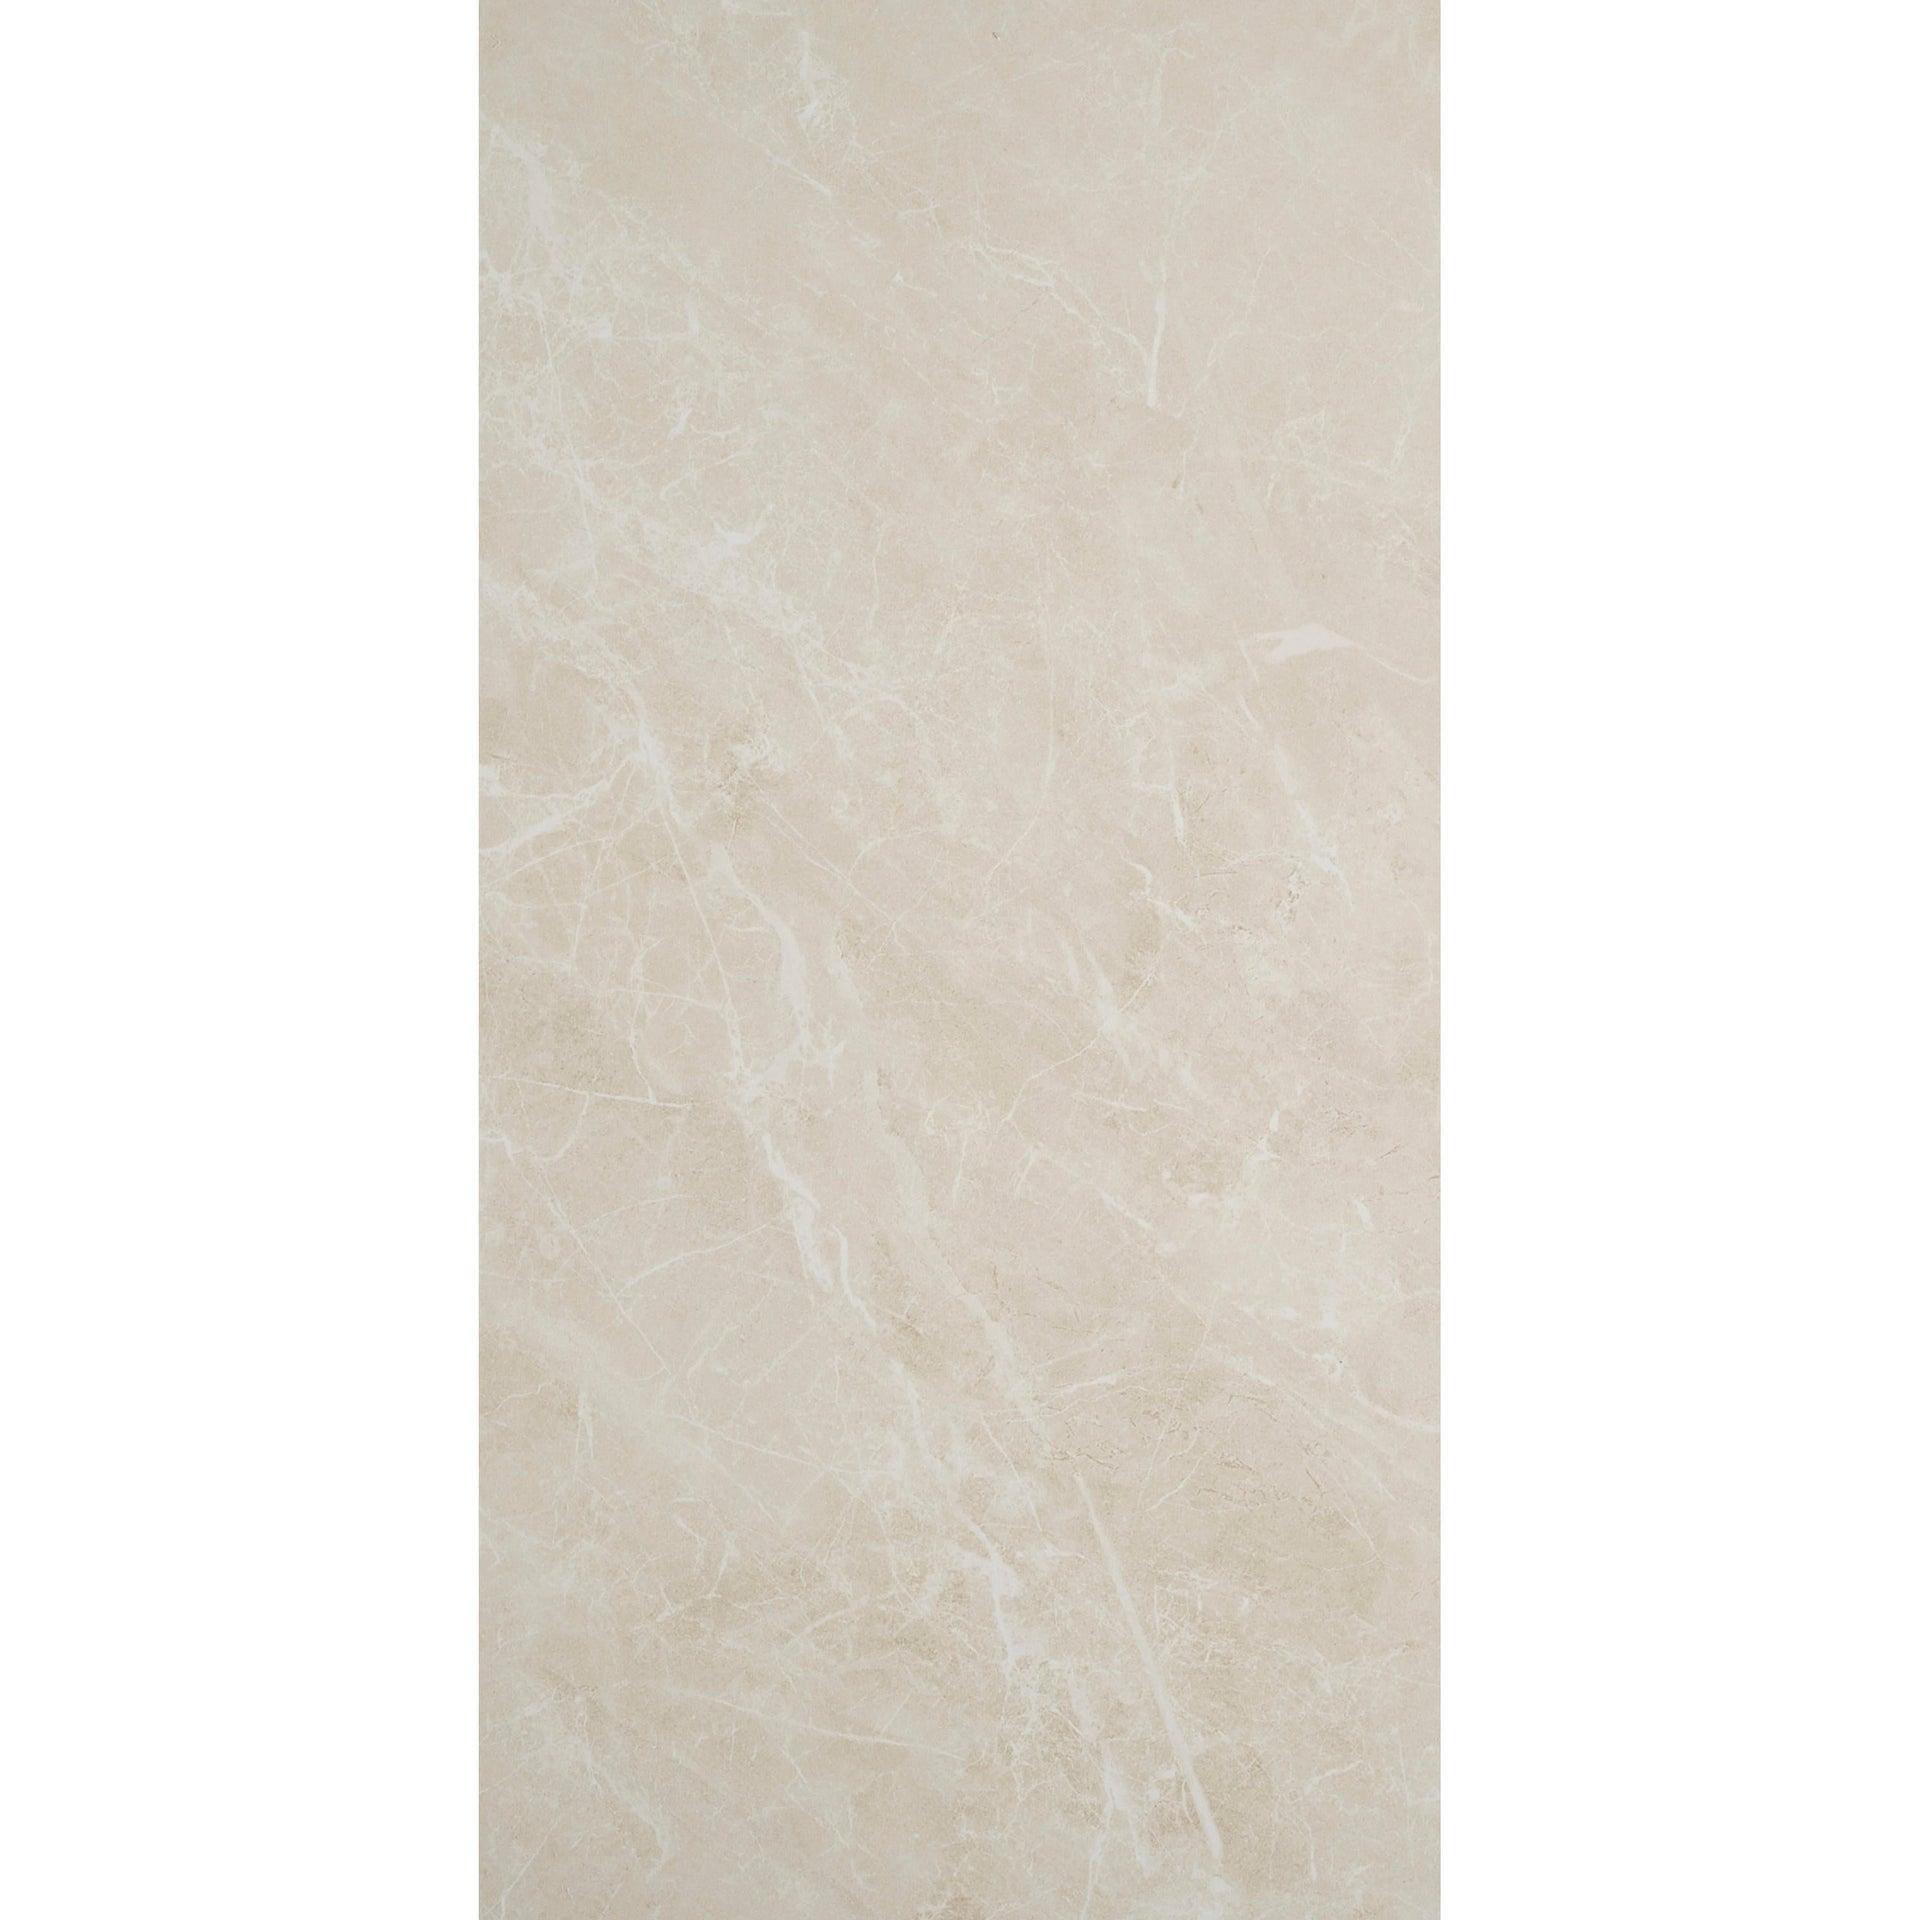 Piastrella decorativa Windsor 30 x 60 cm sp. 10.5 mm beige - 4